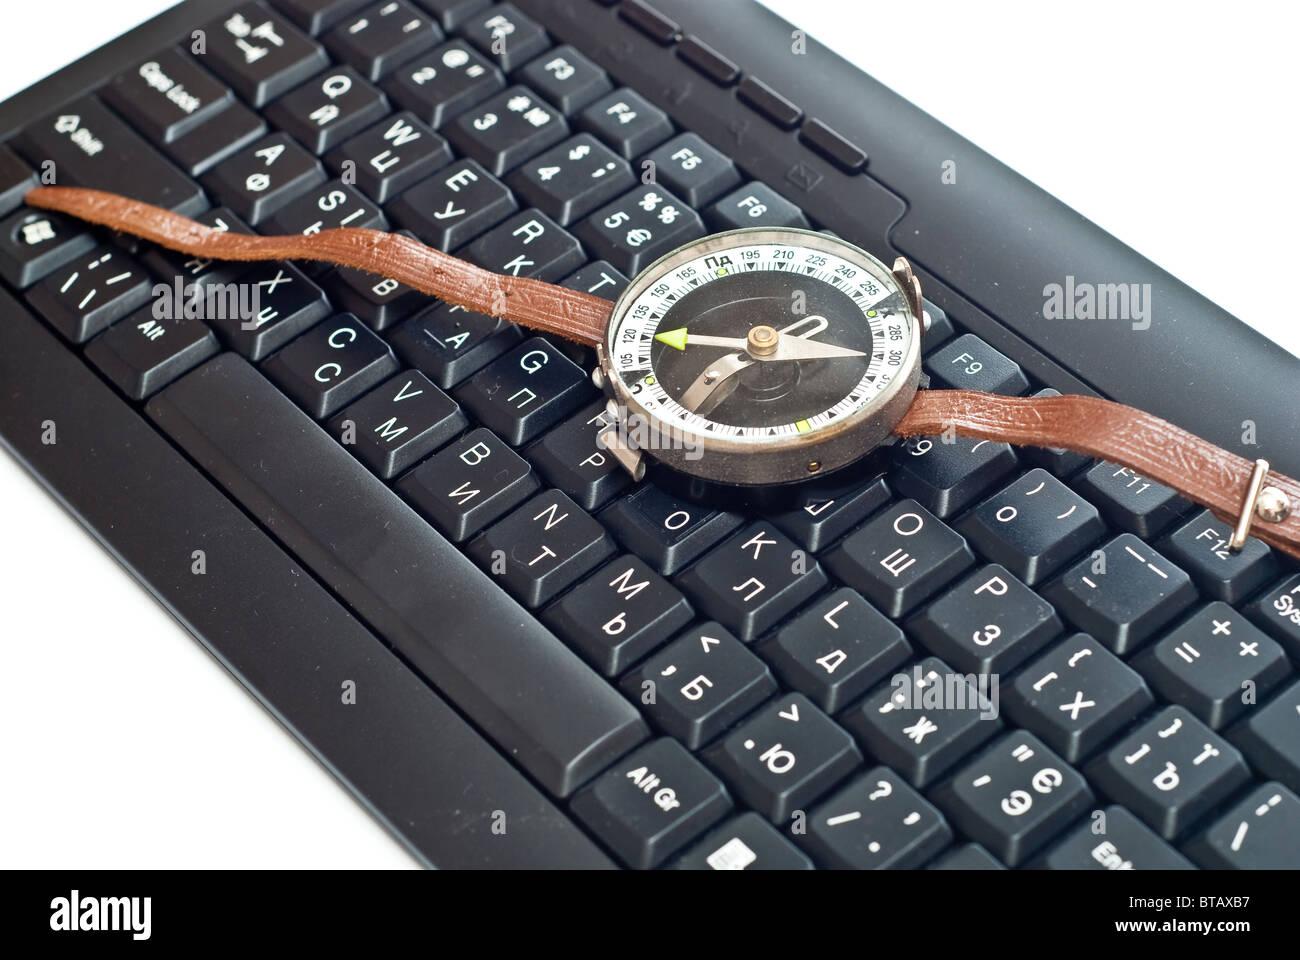 Boussole sur clavier Photo Stock